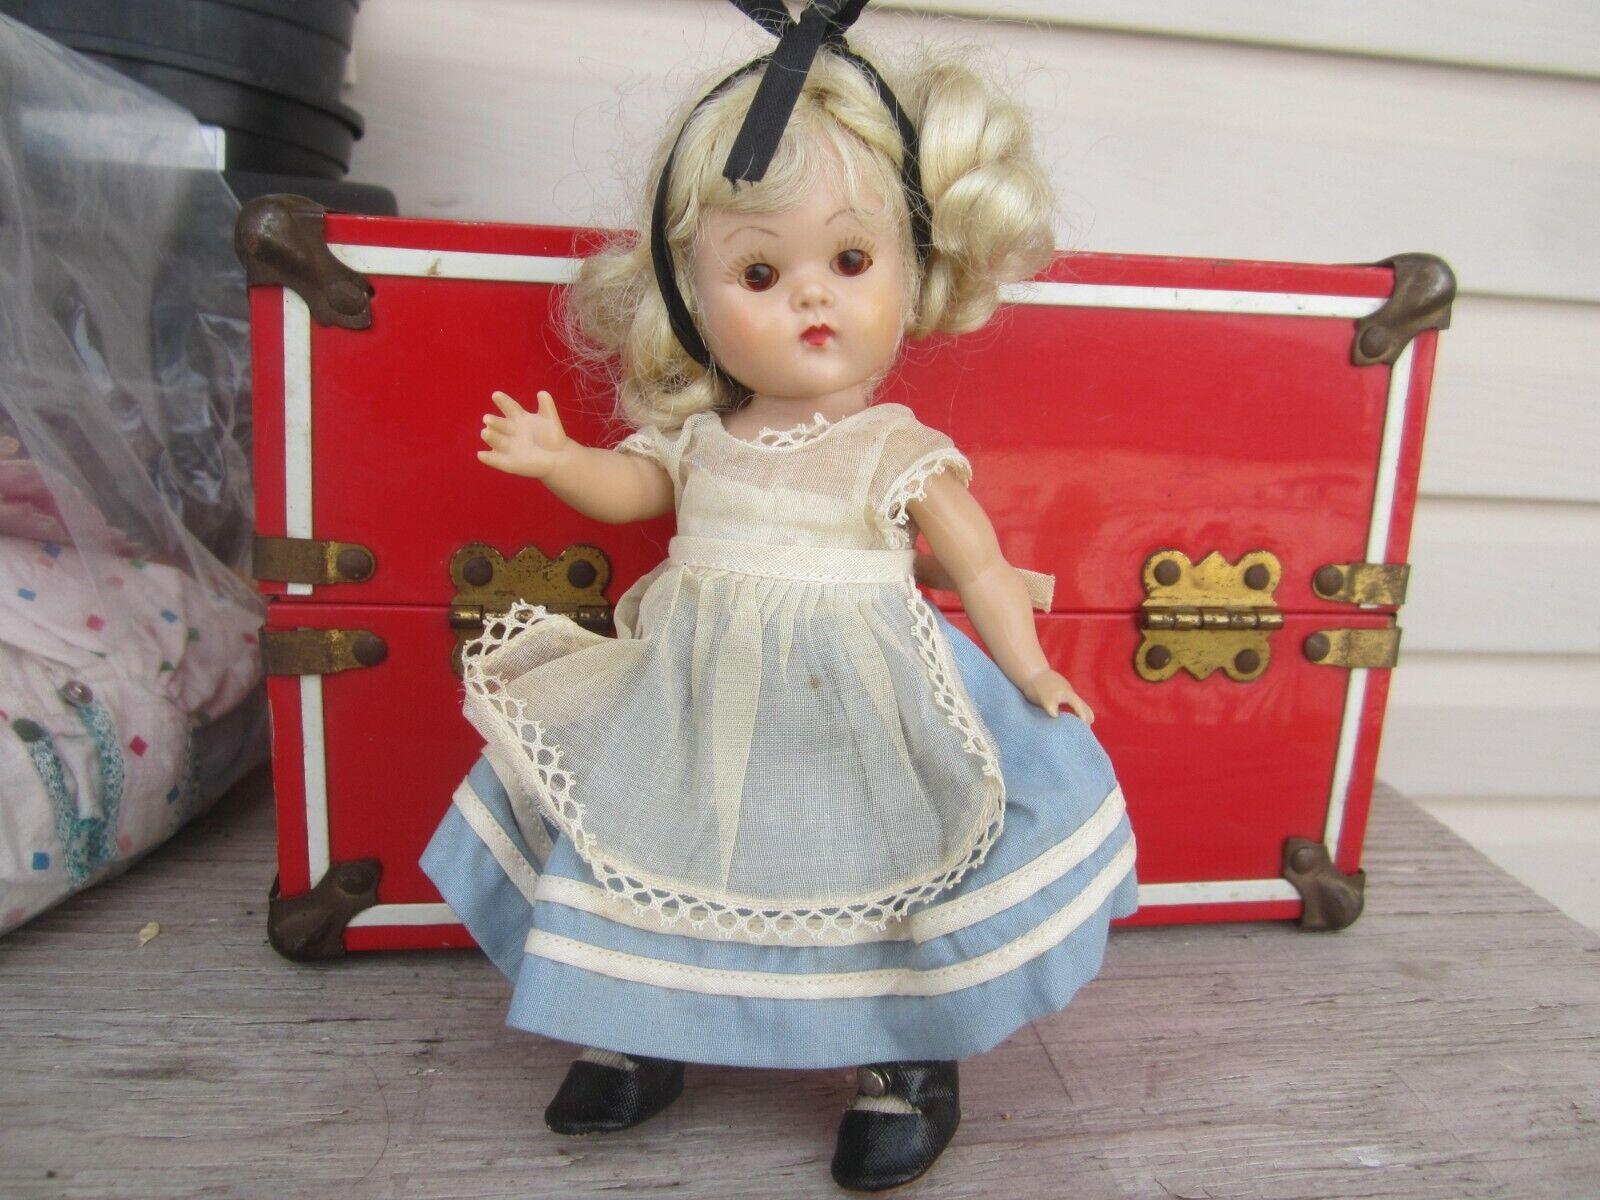 Very rare vintage 1950s ginny doll